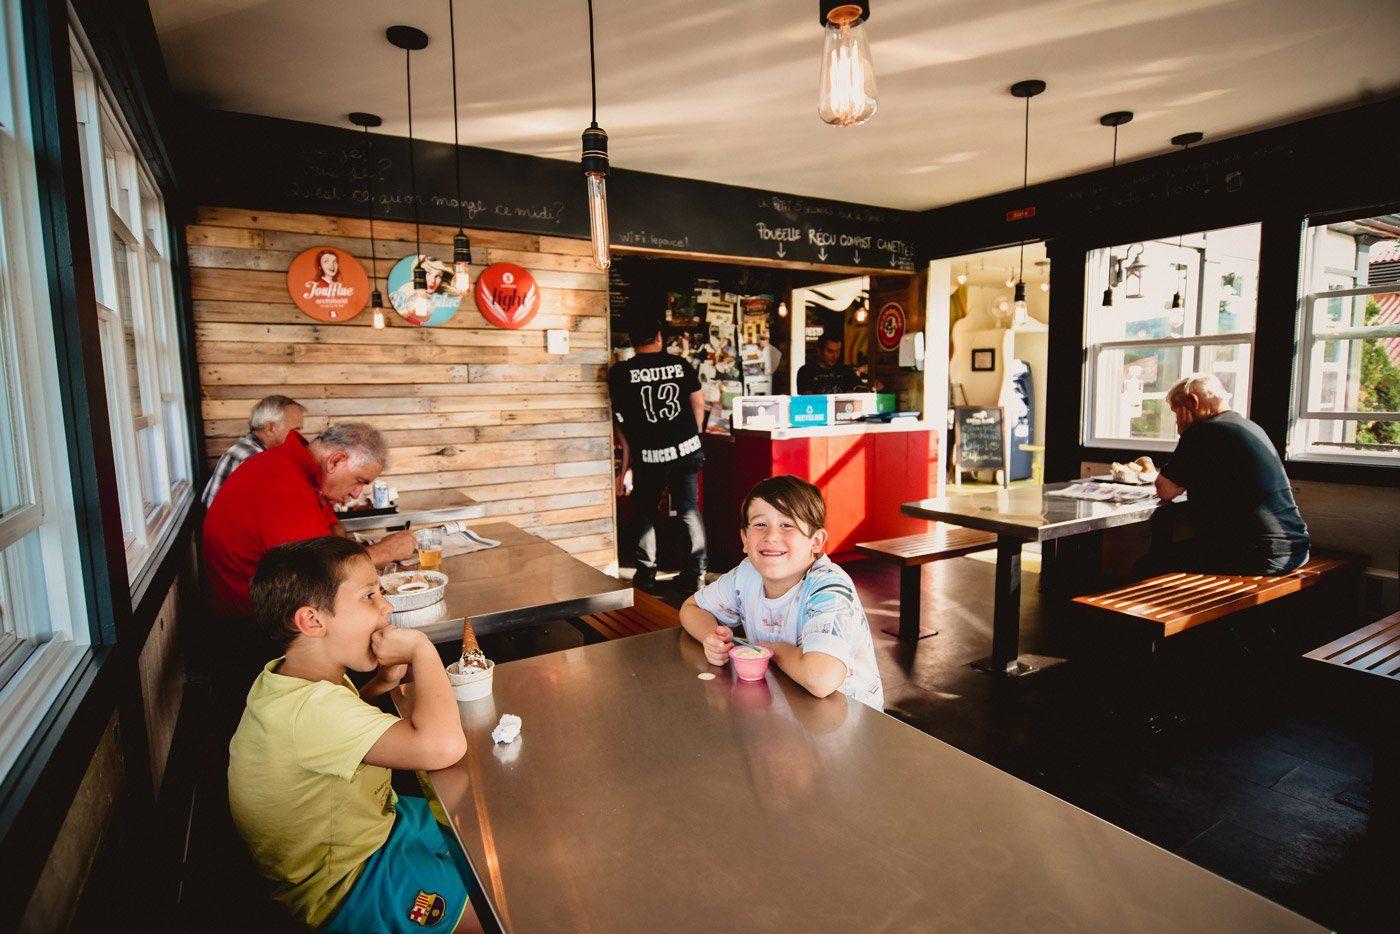 https://lepouce.ca/wp-content/uploads/2018/02/restaurant-le-pouce-salle-a-manger.jpg